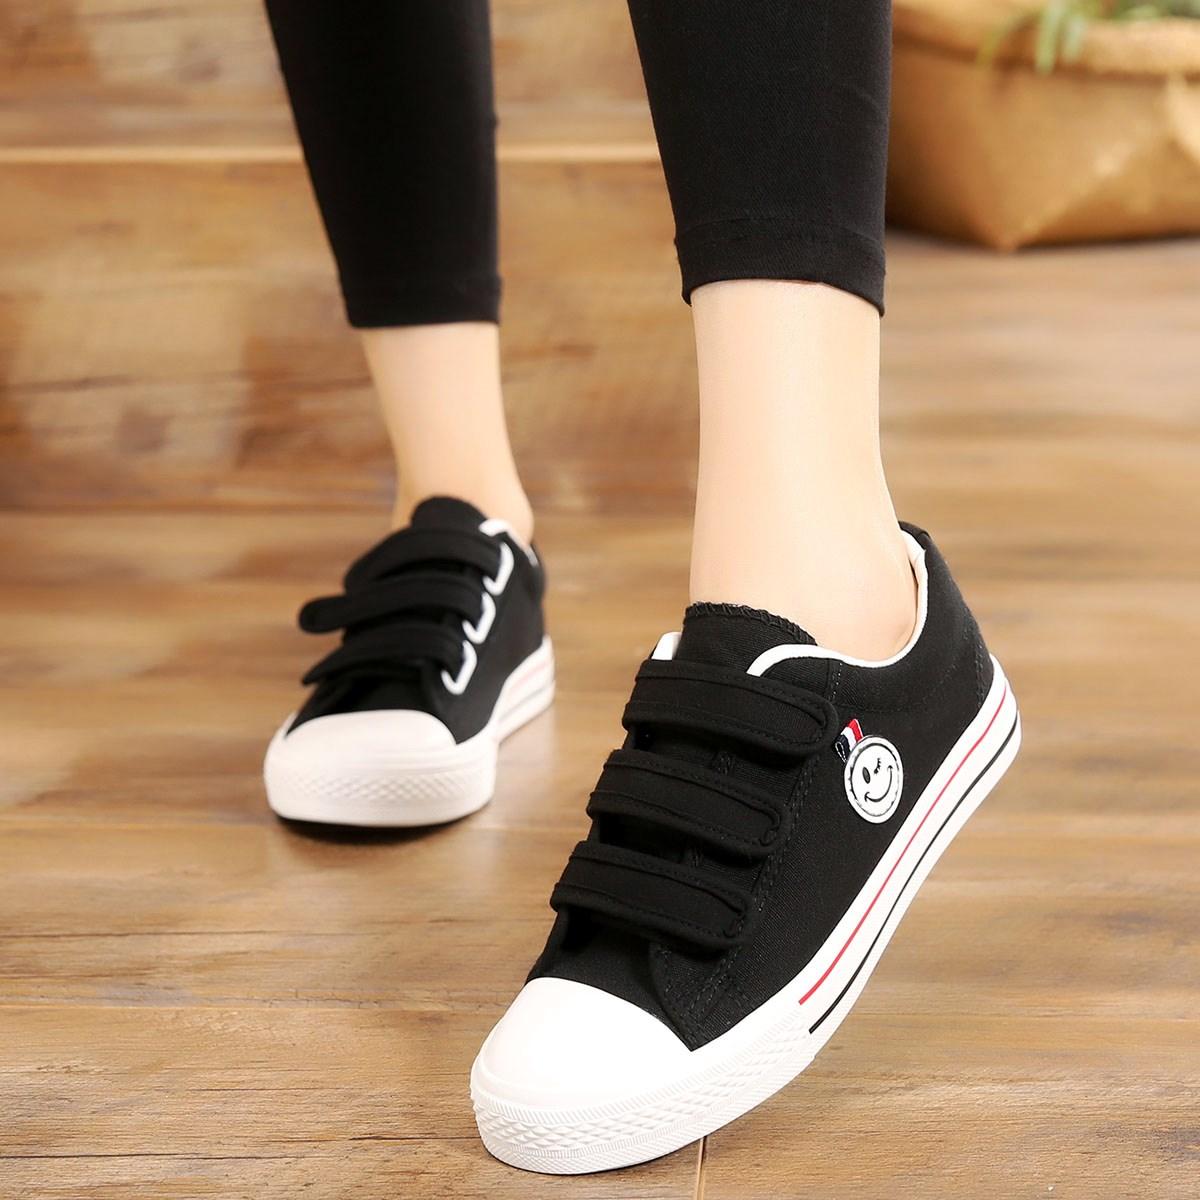 魔术贴帆布鞋春季新款百搭韩版休闲运动学生鞋平底板鞋大童女鞋